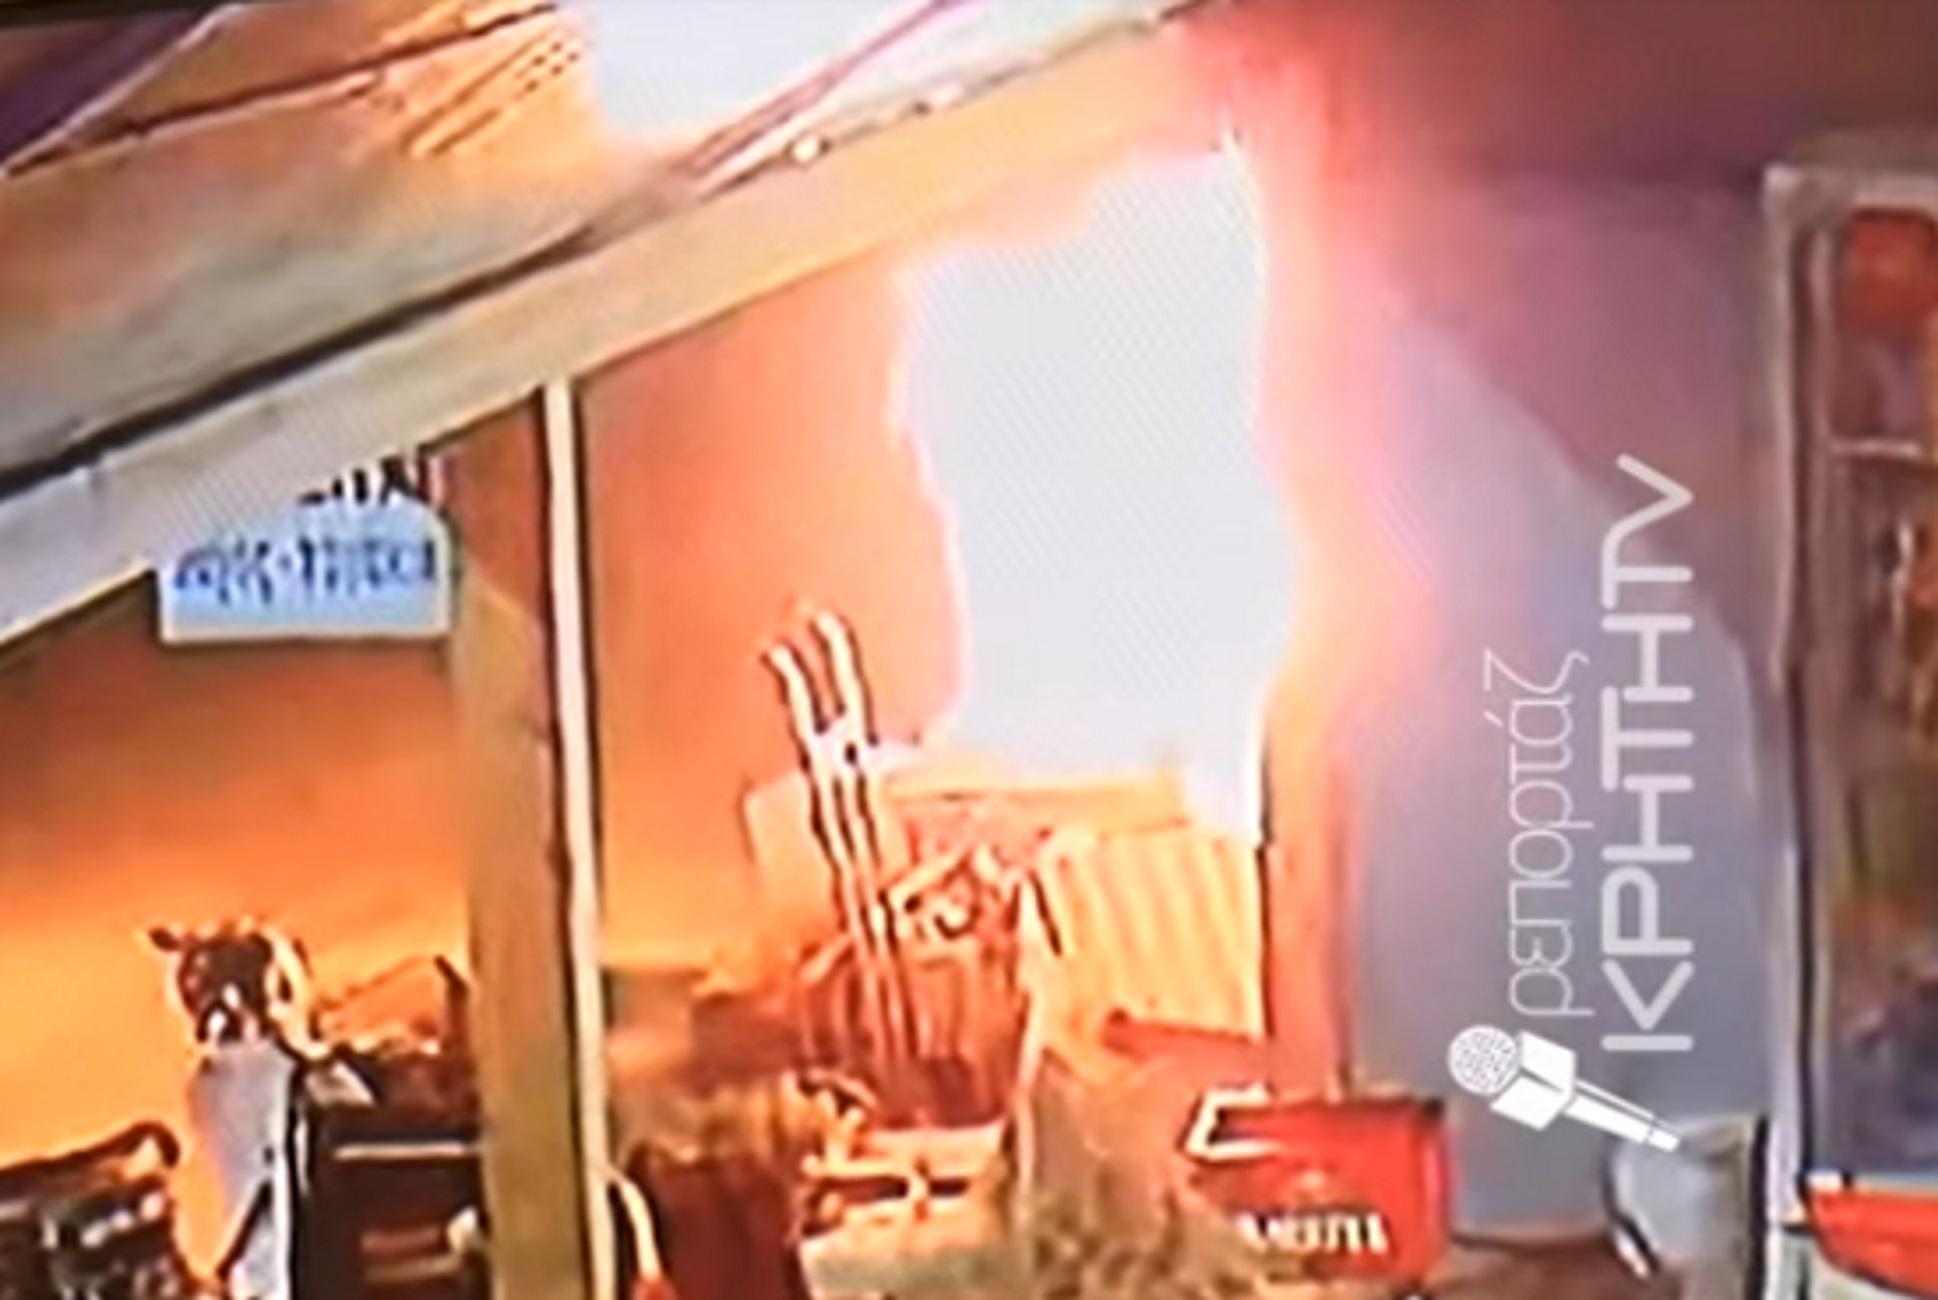 Κρήτη: Βίντεο ντοκουμέντο από την εμπρηστική επίθεση σε εστιατόριο – Συγγενής του ιδιοκτήτη ο δράστης